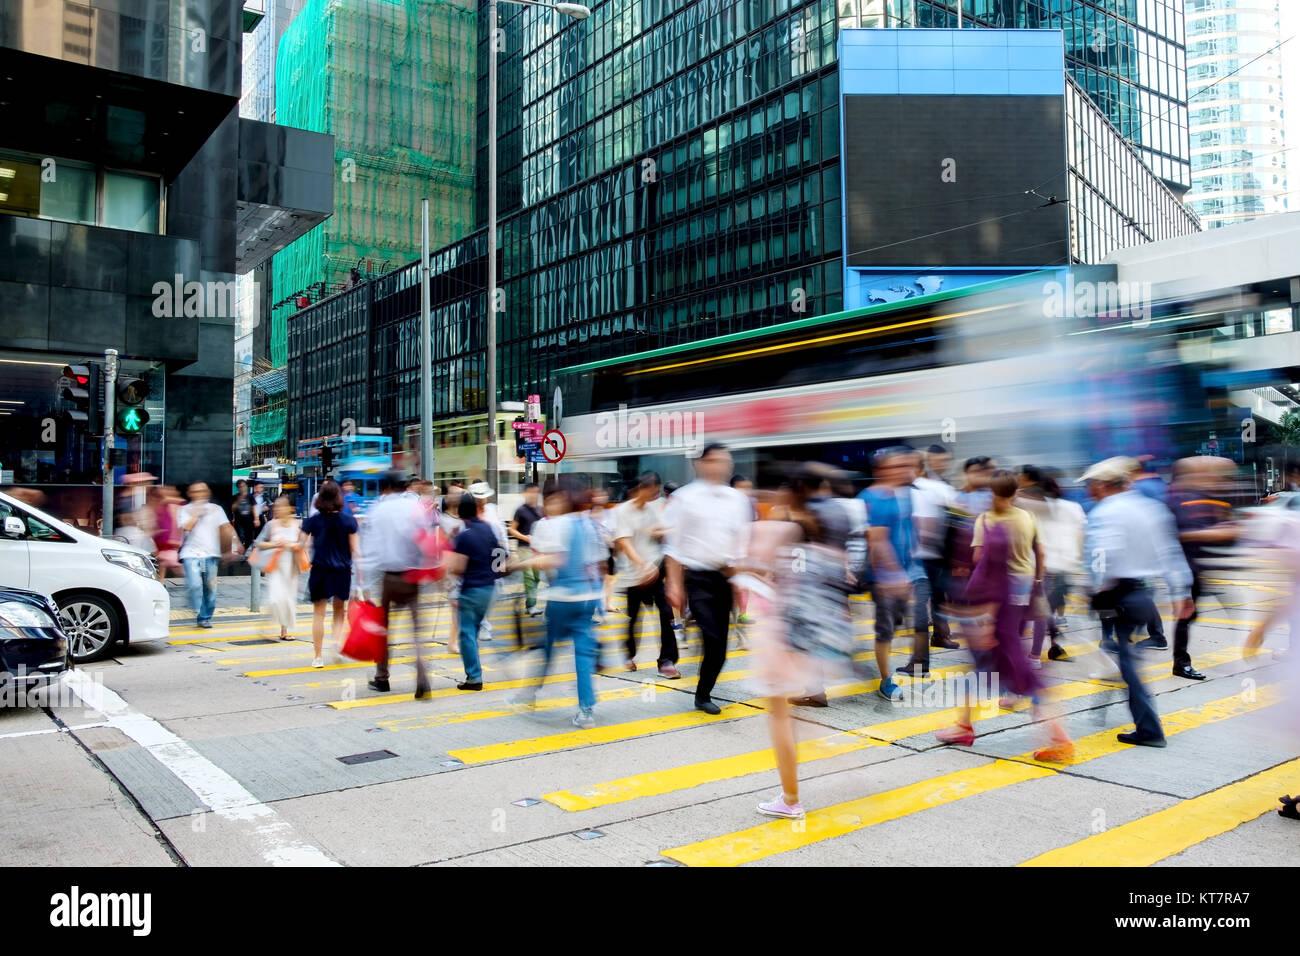 Busy pedestrian crossing at Hong Kong Stock Photo